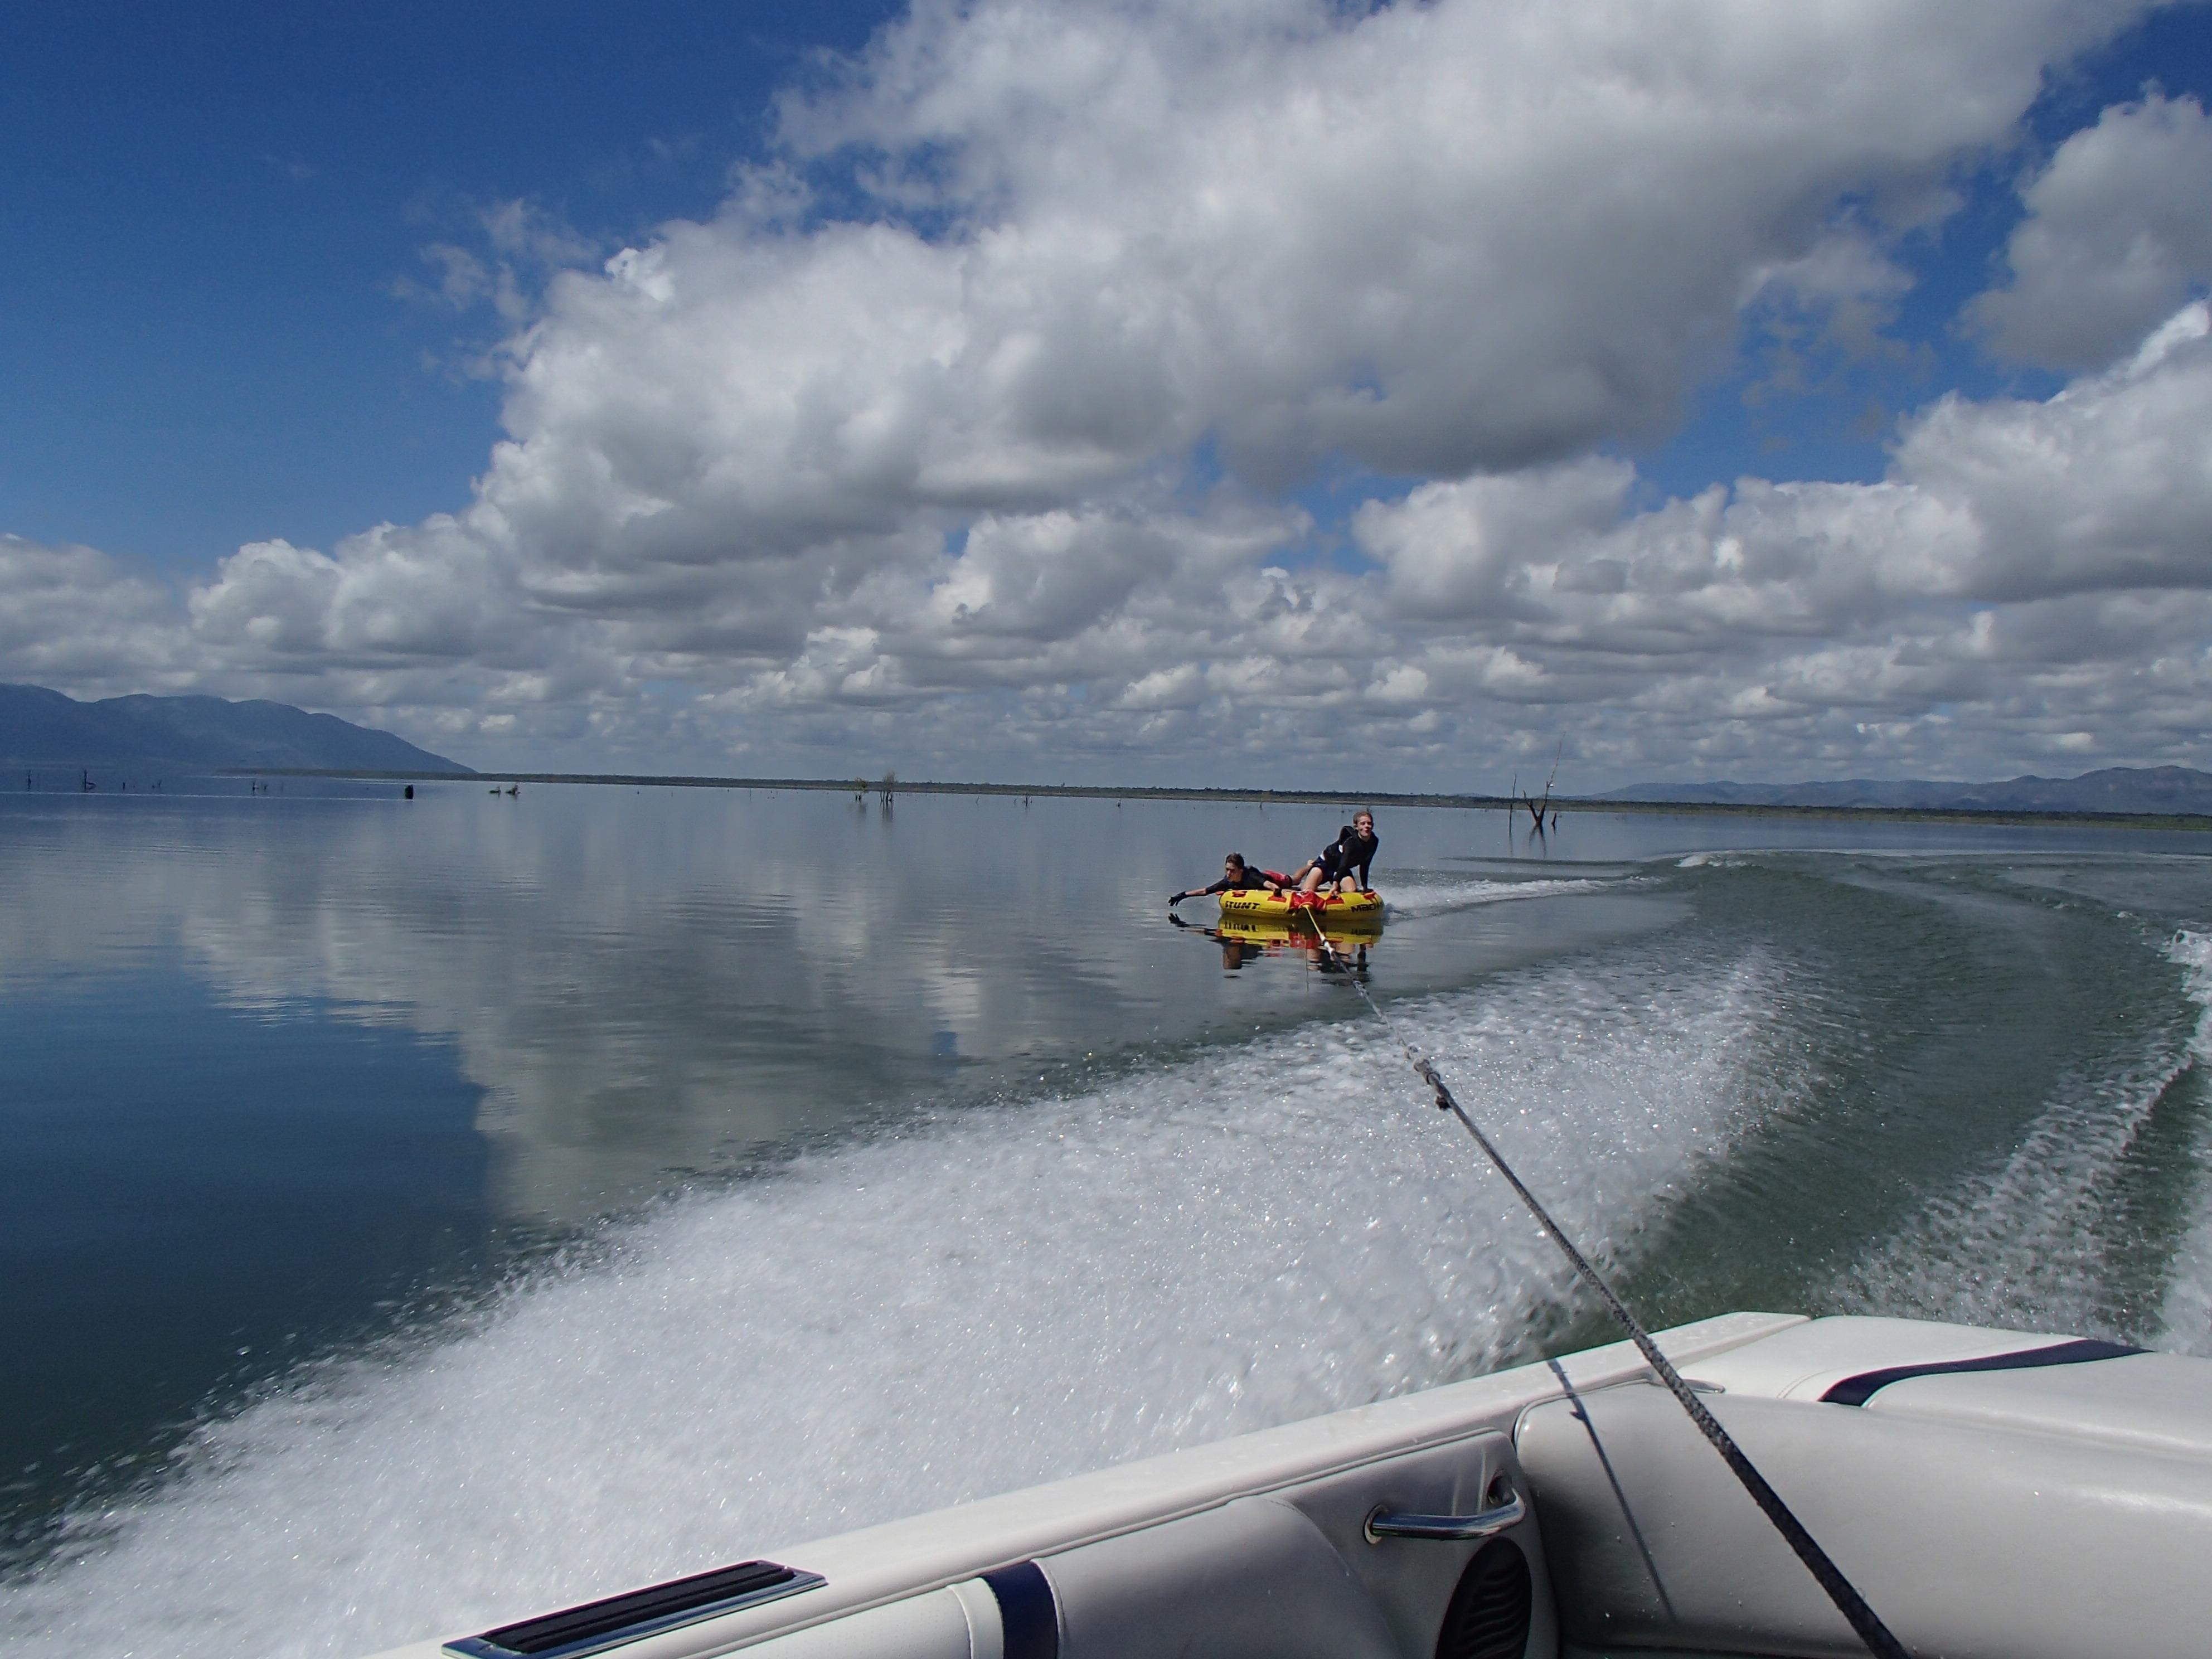 Tubing - Ross River Dam